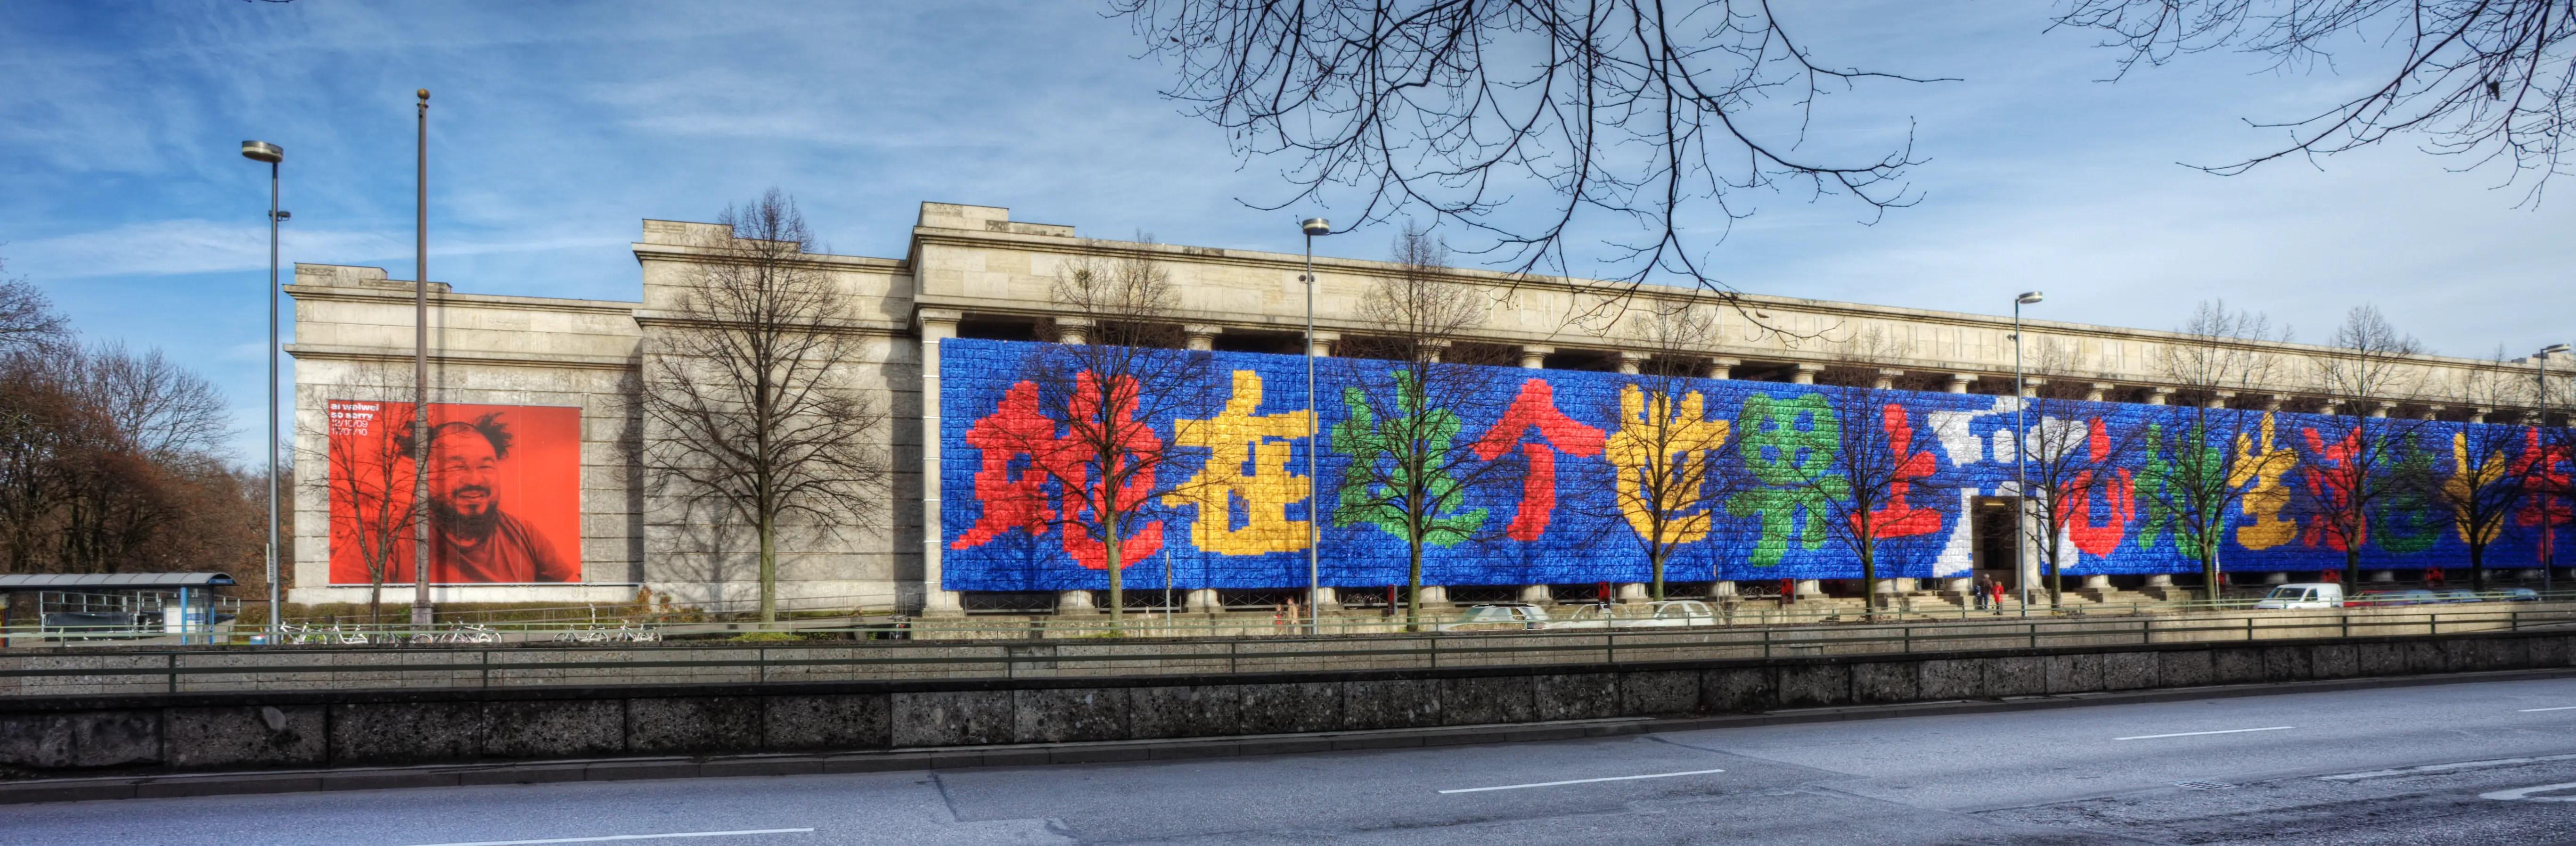 Resultado de imagen para remembering ai weiwei